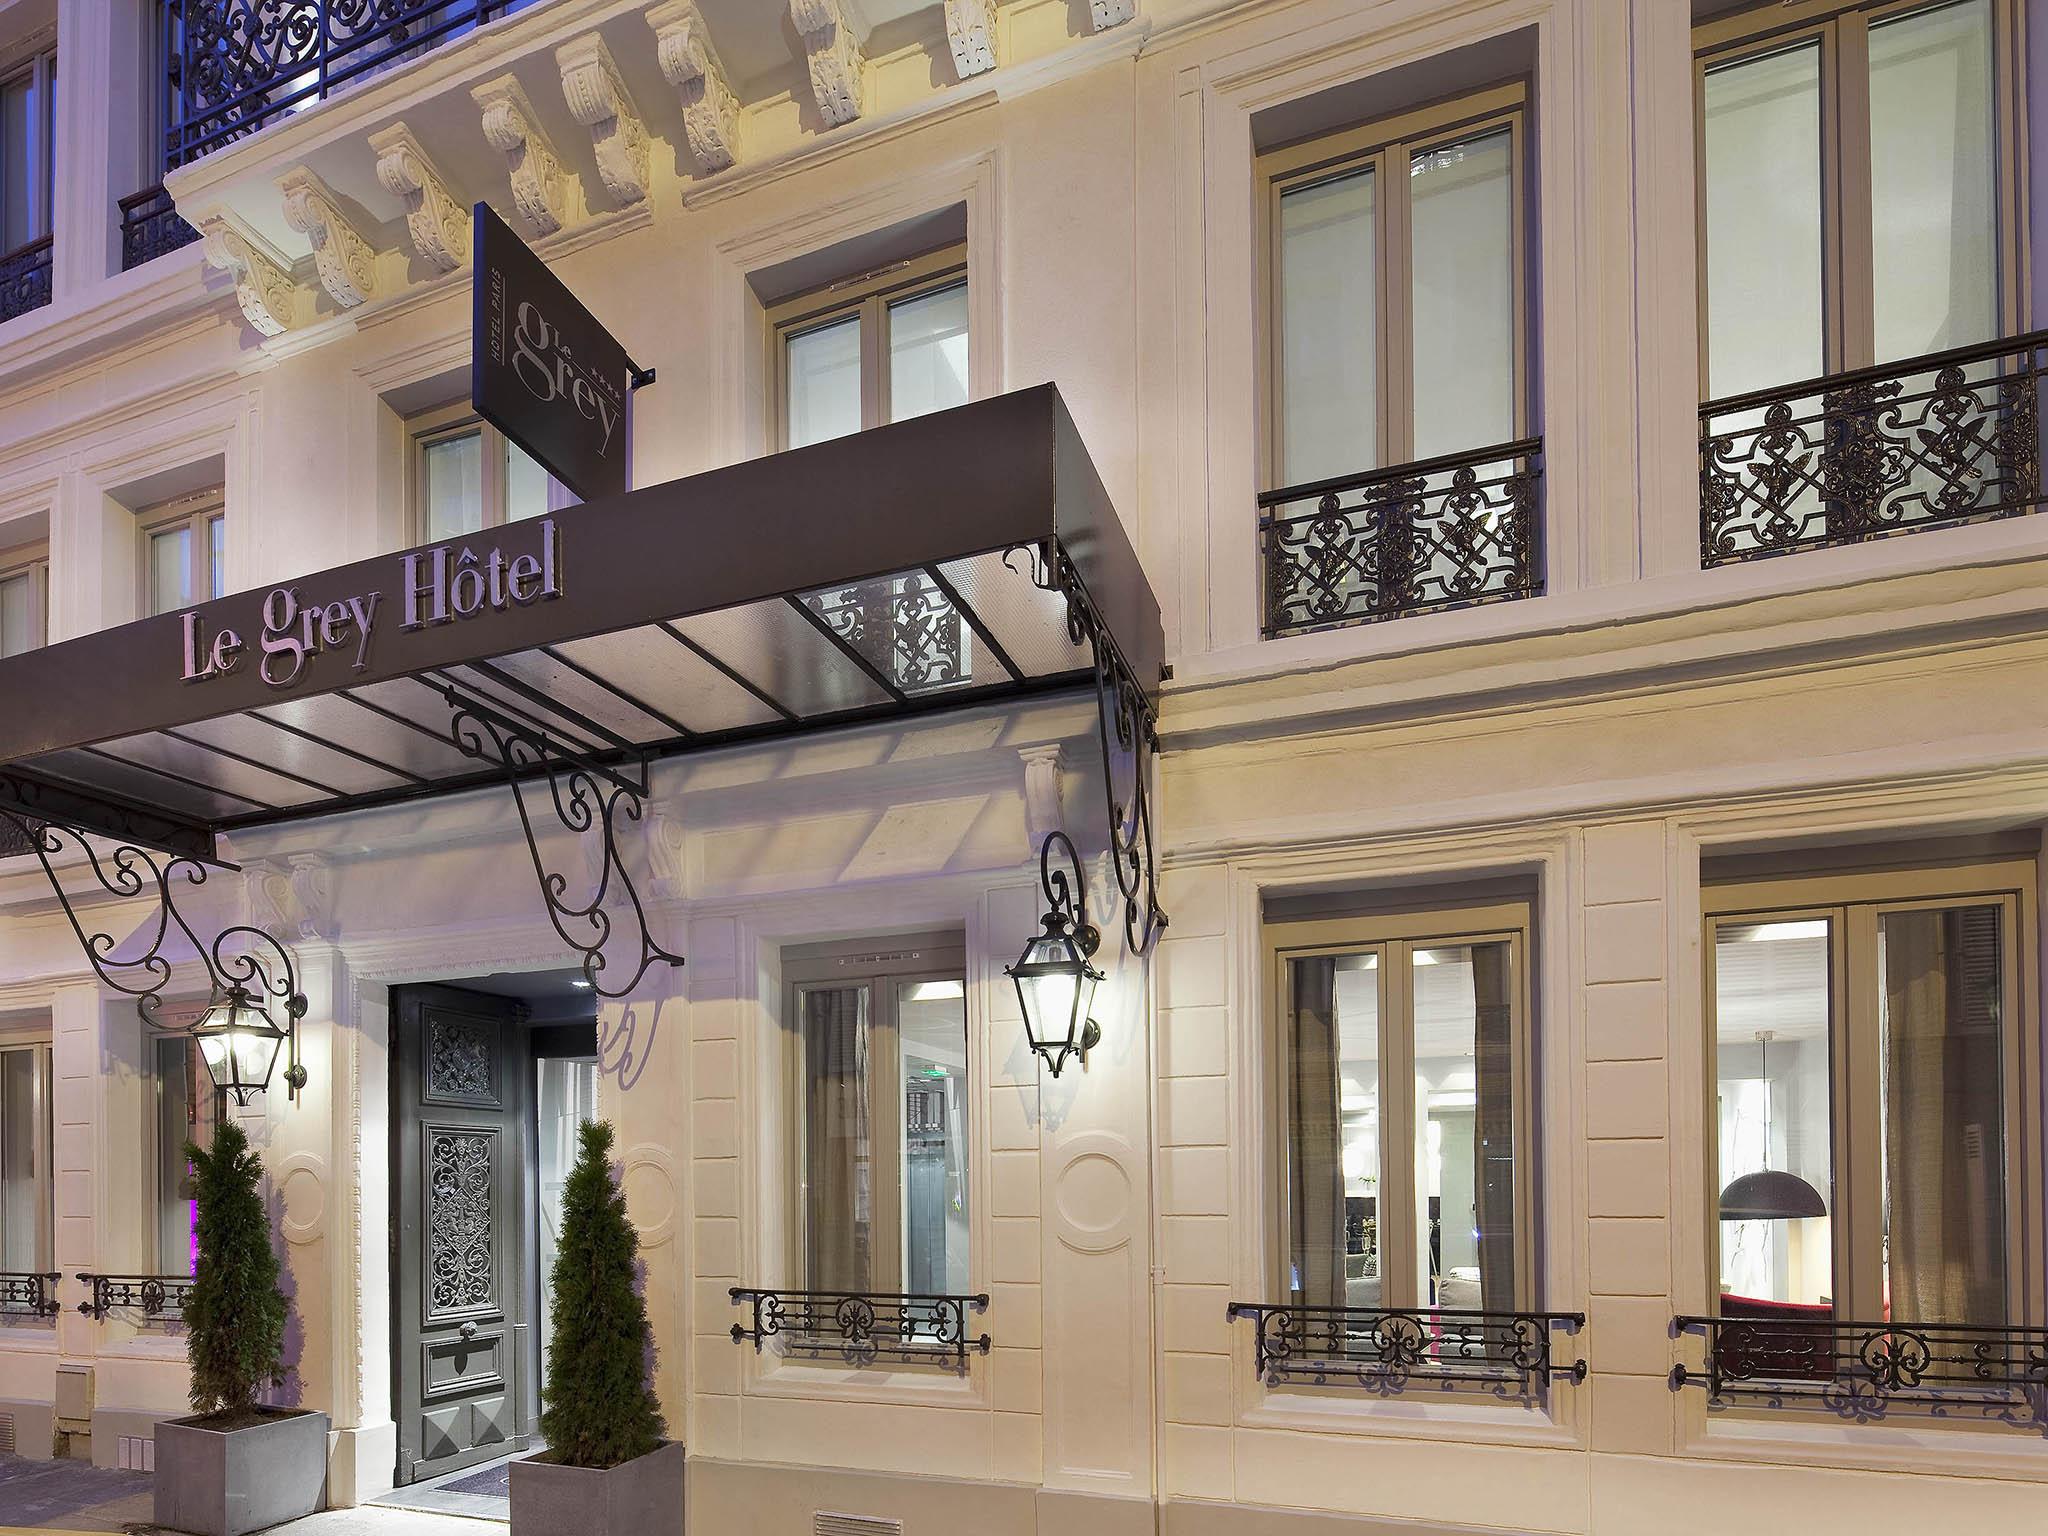 Hotel Le Grey